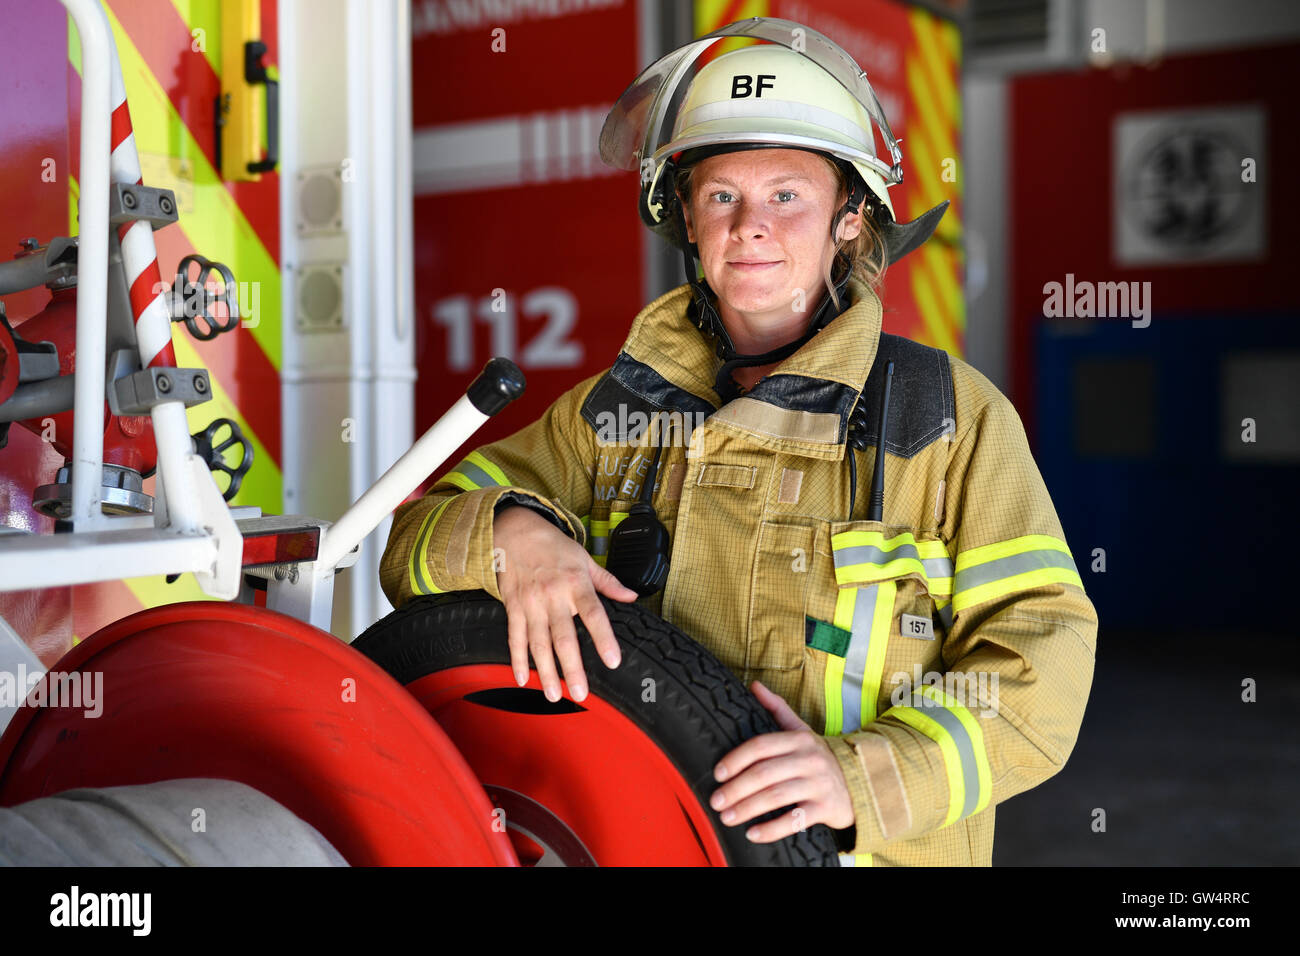 Mannheim, Deutschland. 24. August 2016. Firewoman Lisa-Katharina Roeck steht neben einem Feuerwehrfahrzeug auf der Stockbild